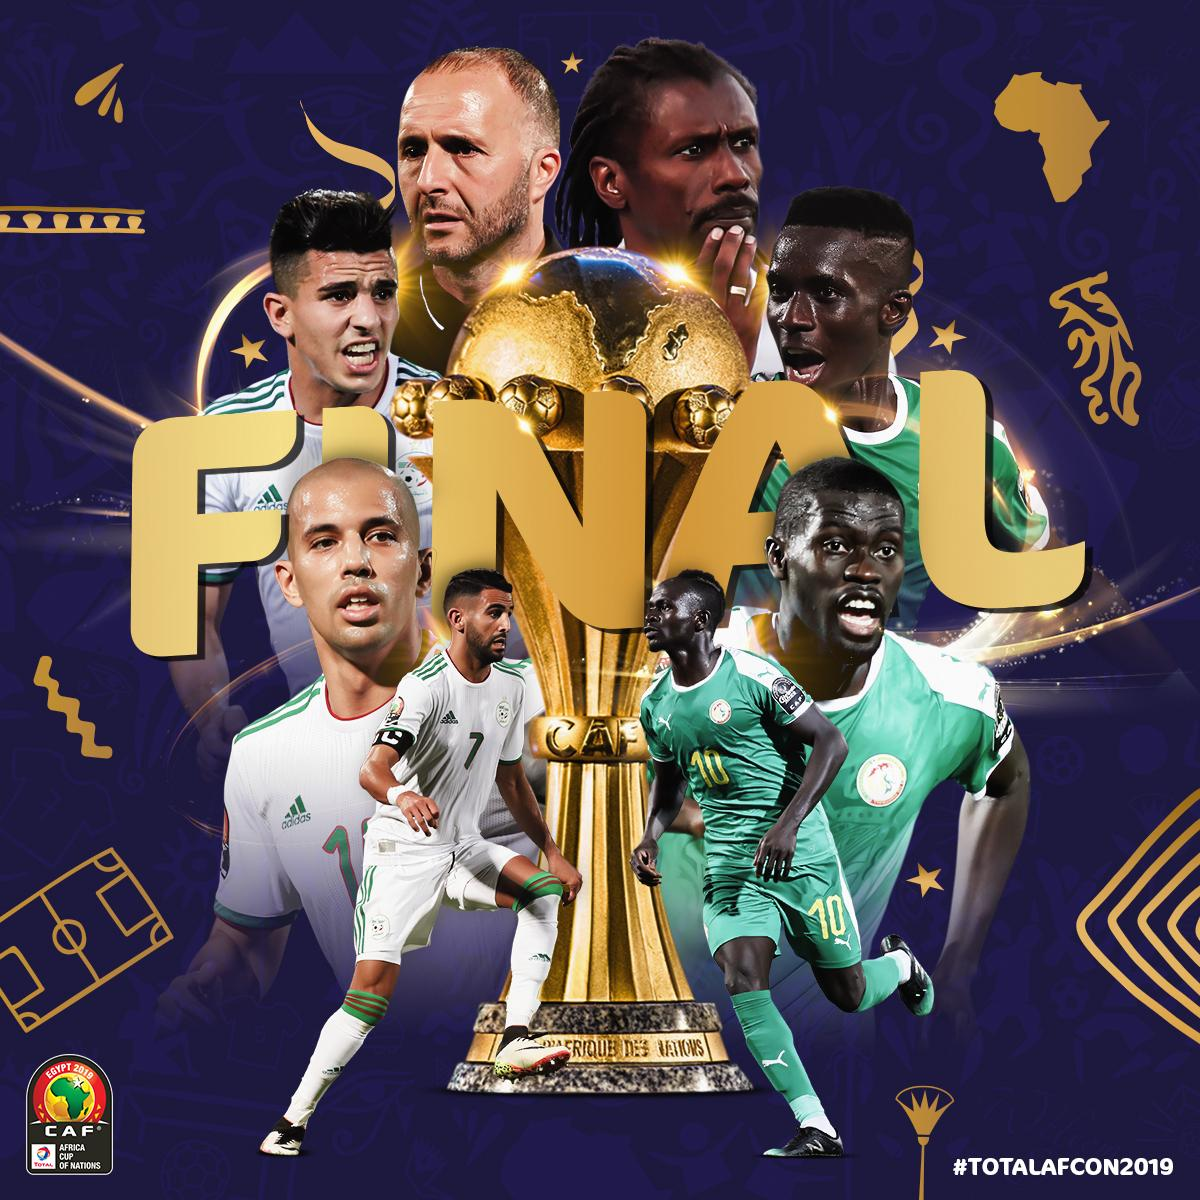 مباراة الجزائر والسنغال اليوم بث مباشر بدون تقطيع وبجميع الجودات